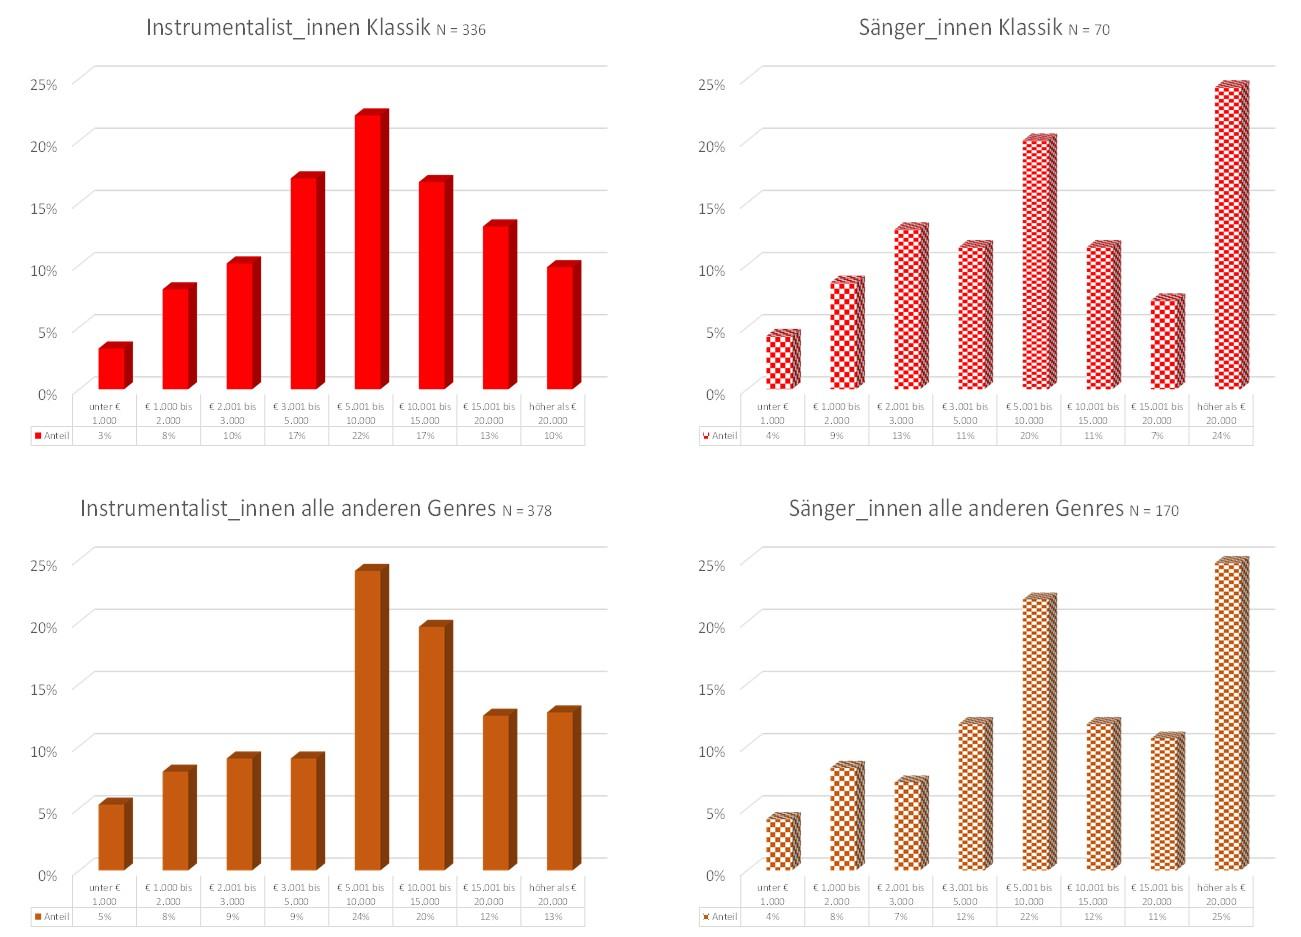 Abb. 6 - Einkommensverluste für InstrumentalistInnen und SängerInnen nach Genres